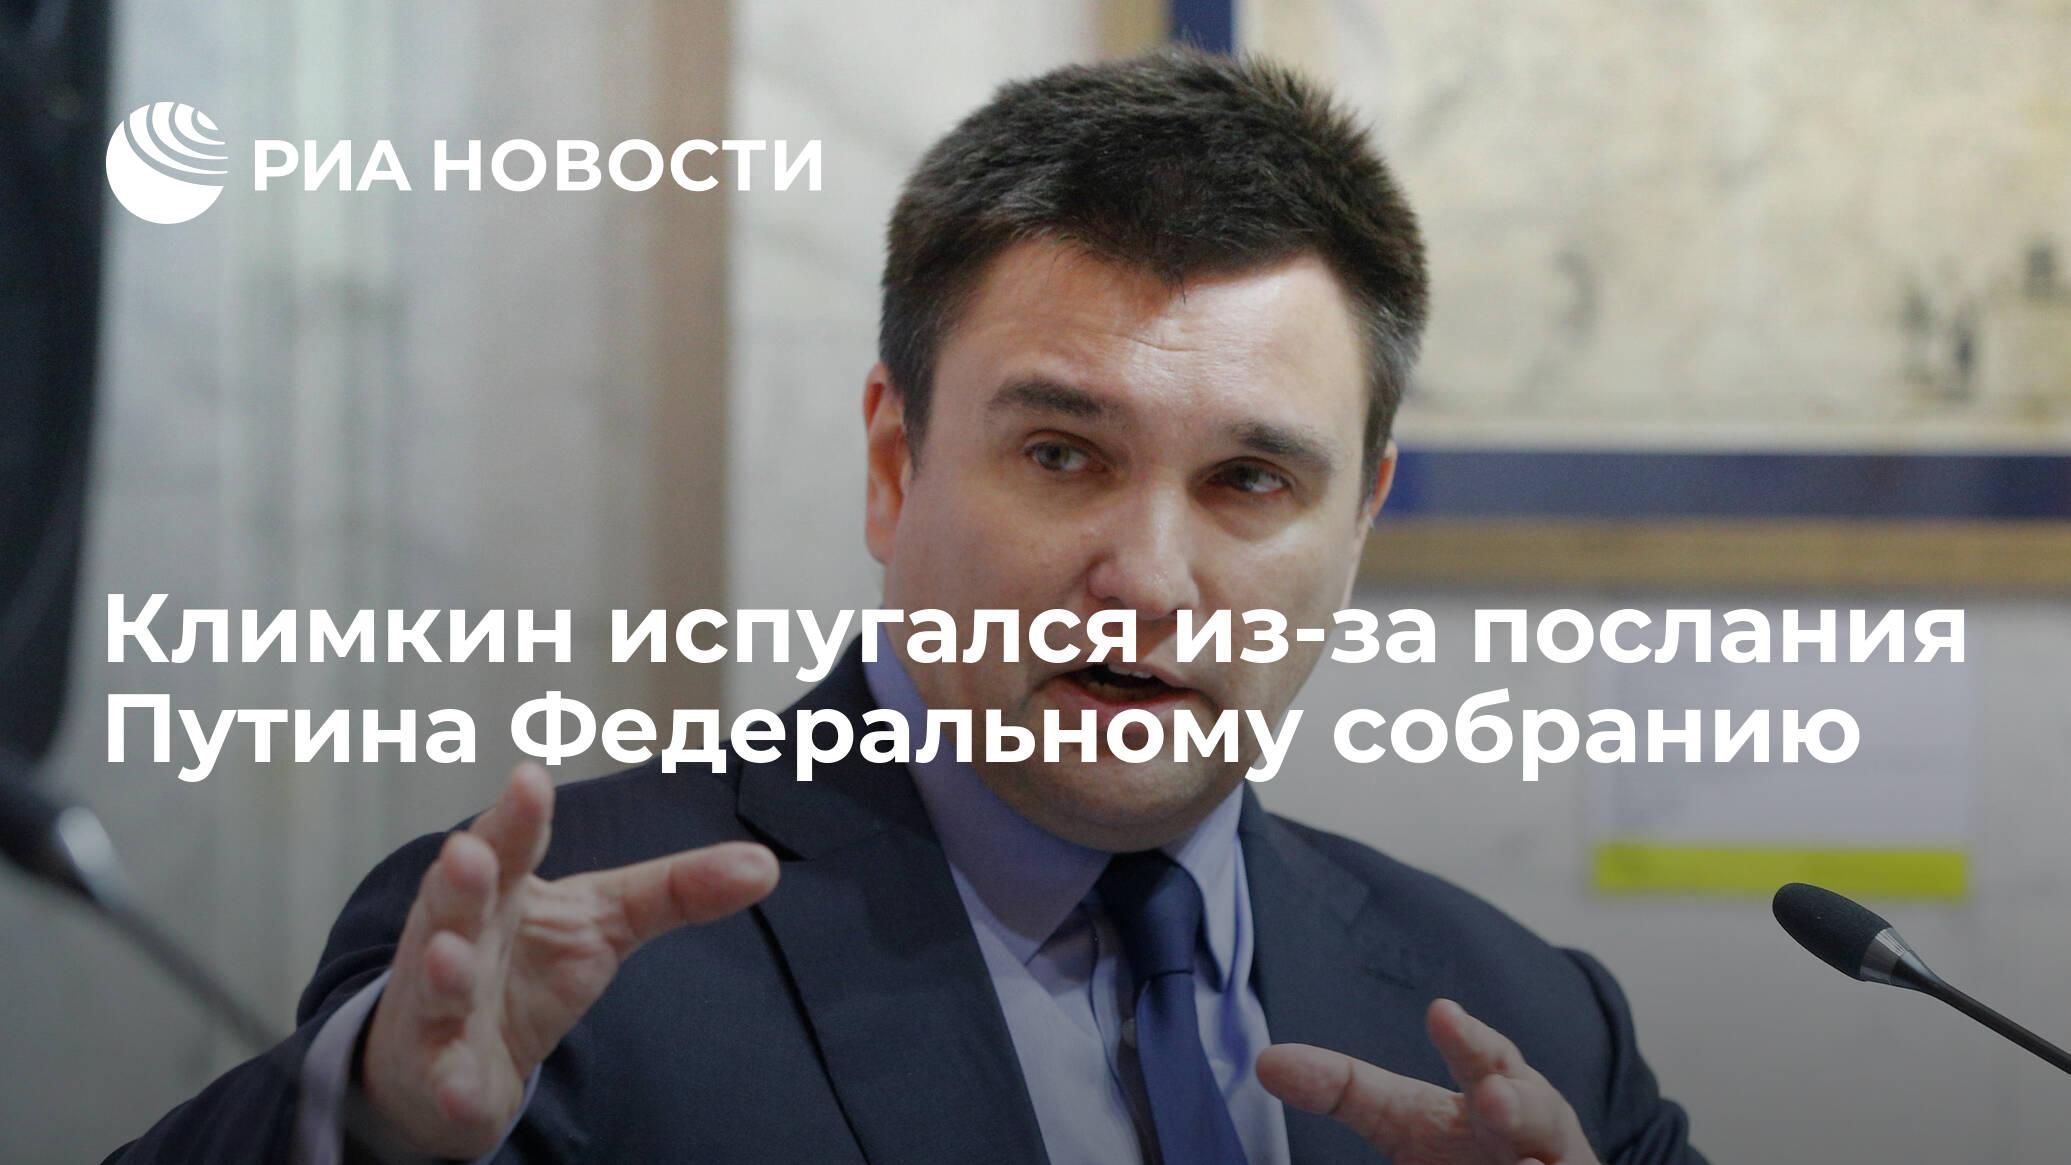 Климкин испугался за послание Путина Федеральному собранию